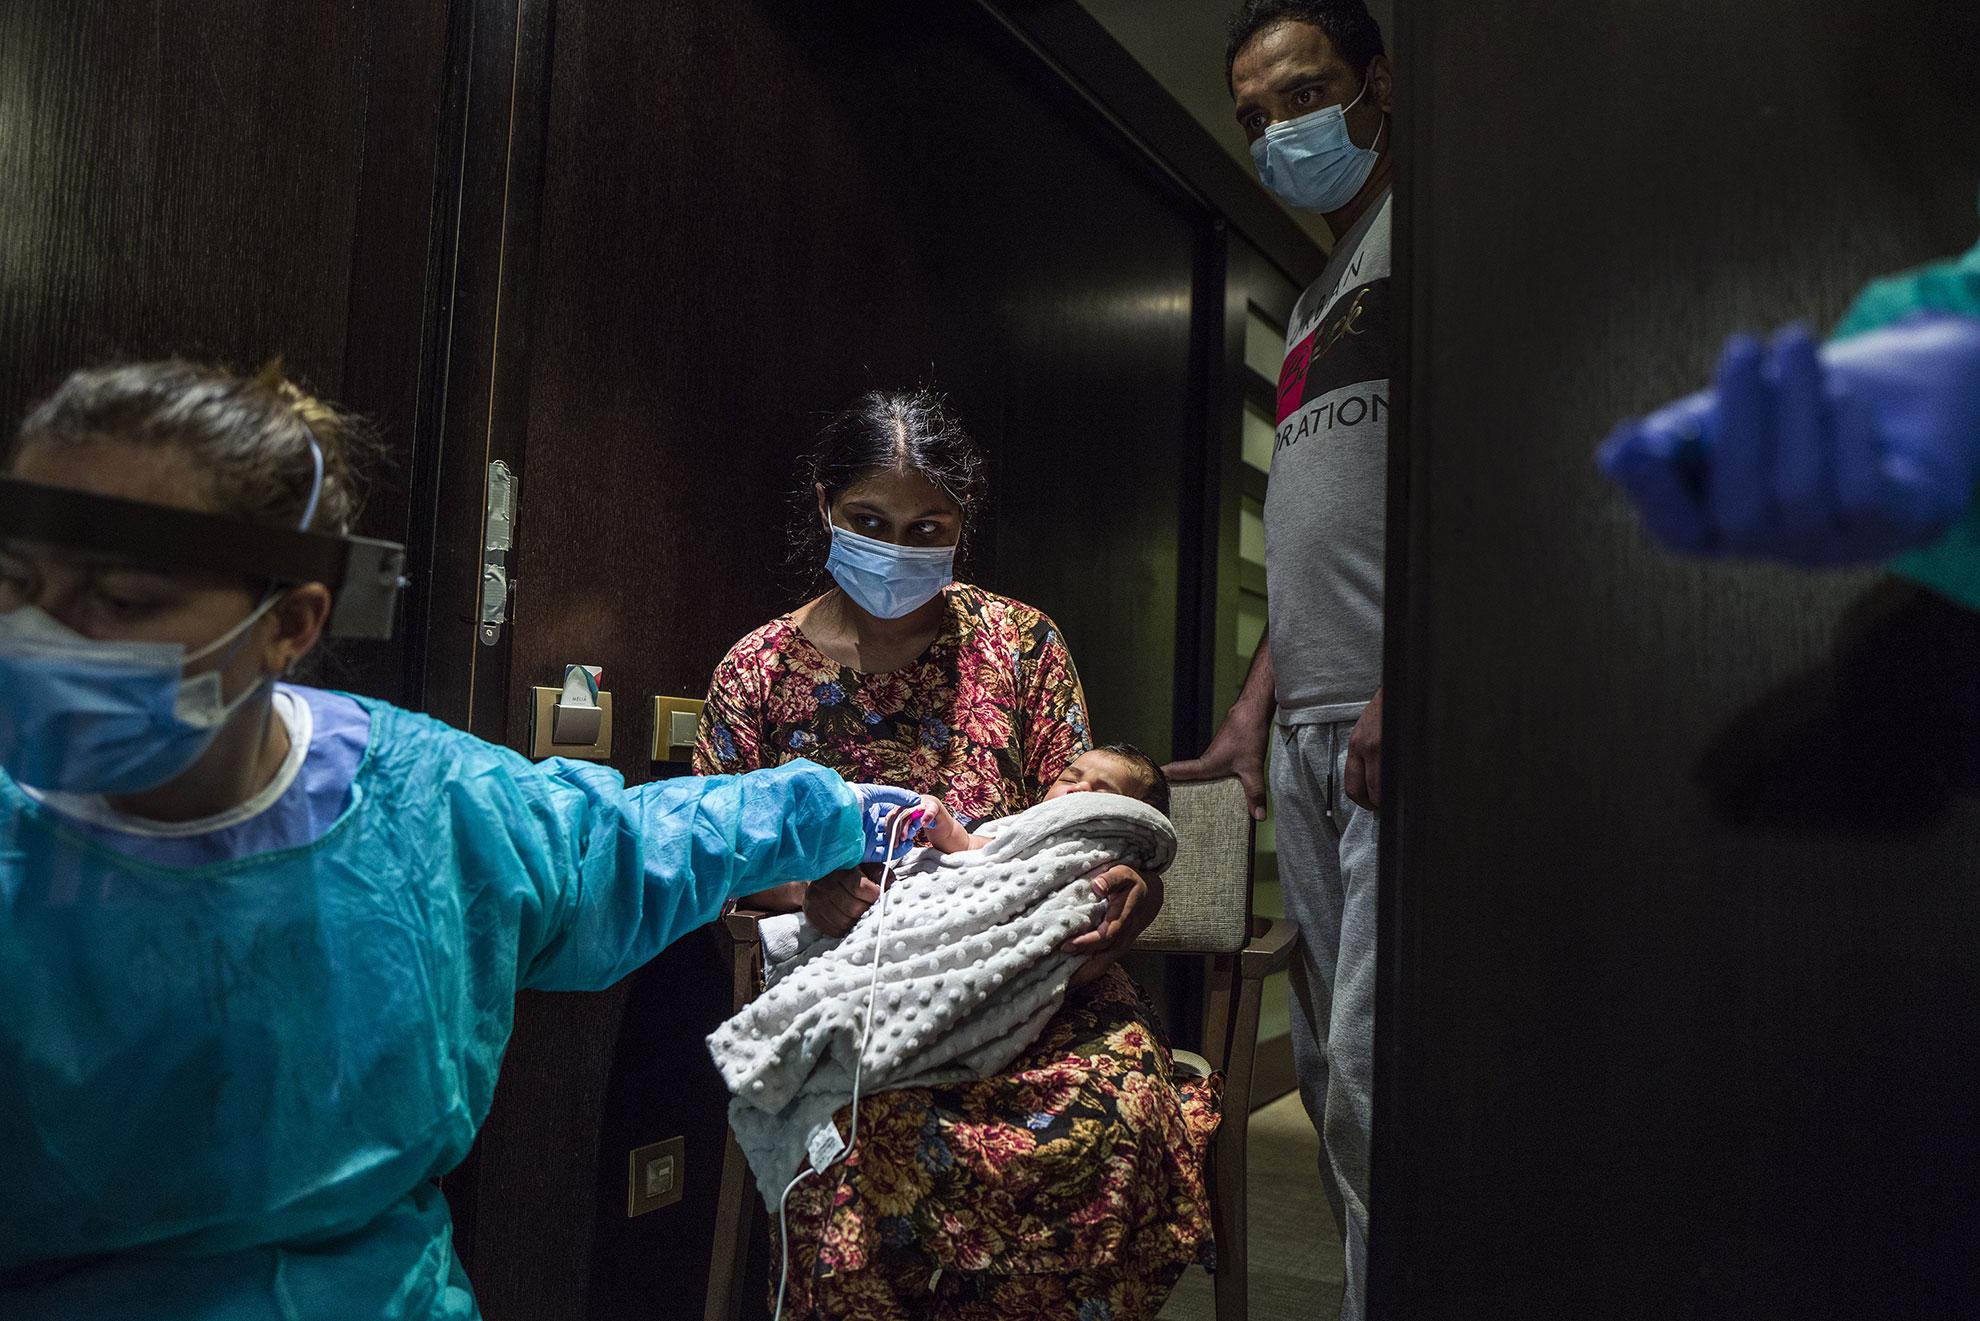 """""""La vida sigue"""". Enfermeras de la atención primaria de Barcelona, del Instituto Catalán de la Salud, monitoreando a un bebe de semanas de vida, después de tomarle la temperatura a sus padres, recuperándose de estar enfermos de Covid-19. Están en cuarentena en el Hotel Melià de Barcelona. Pacientes enfermos de Covid-19 dados de alta hospitalaria han sido trasladados a diferentes hoteles de Barcelona, entre ellos el Hotel Melià, para pasar dos semanas de confinamiento, antes de poder volver a casa. Una vez llegan, personal sanitario y del hotel hacen la acogida y toma de temperatura antes de asignarles una habitación."""